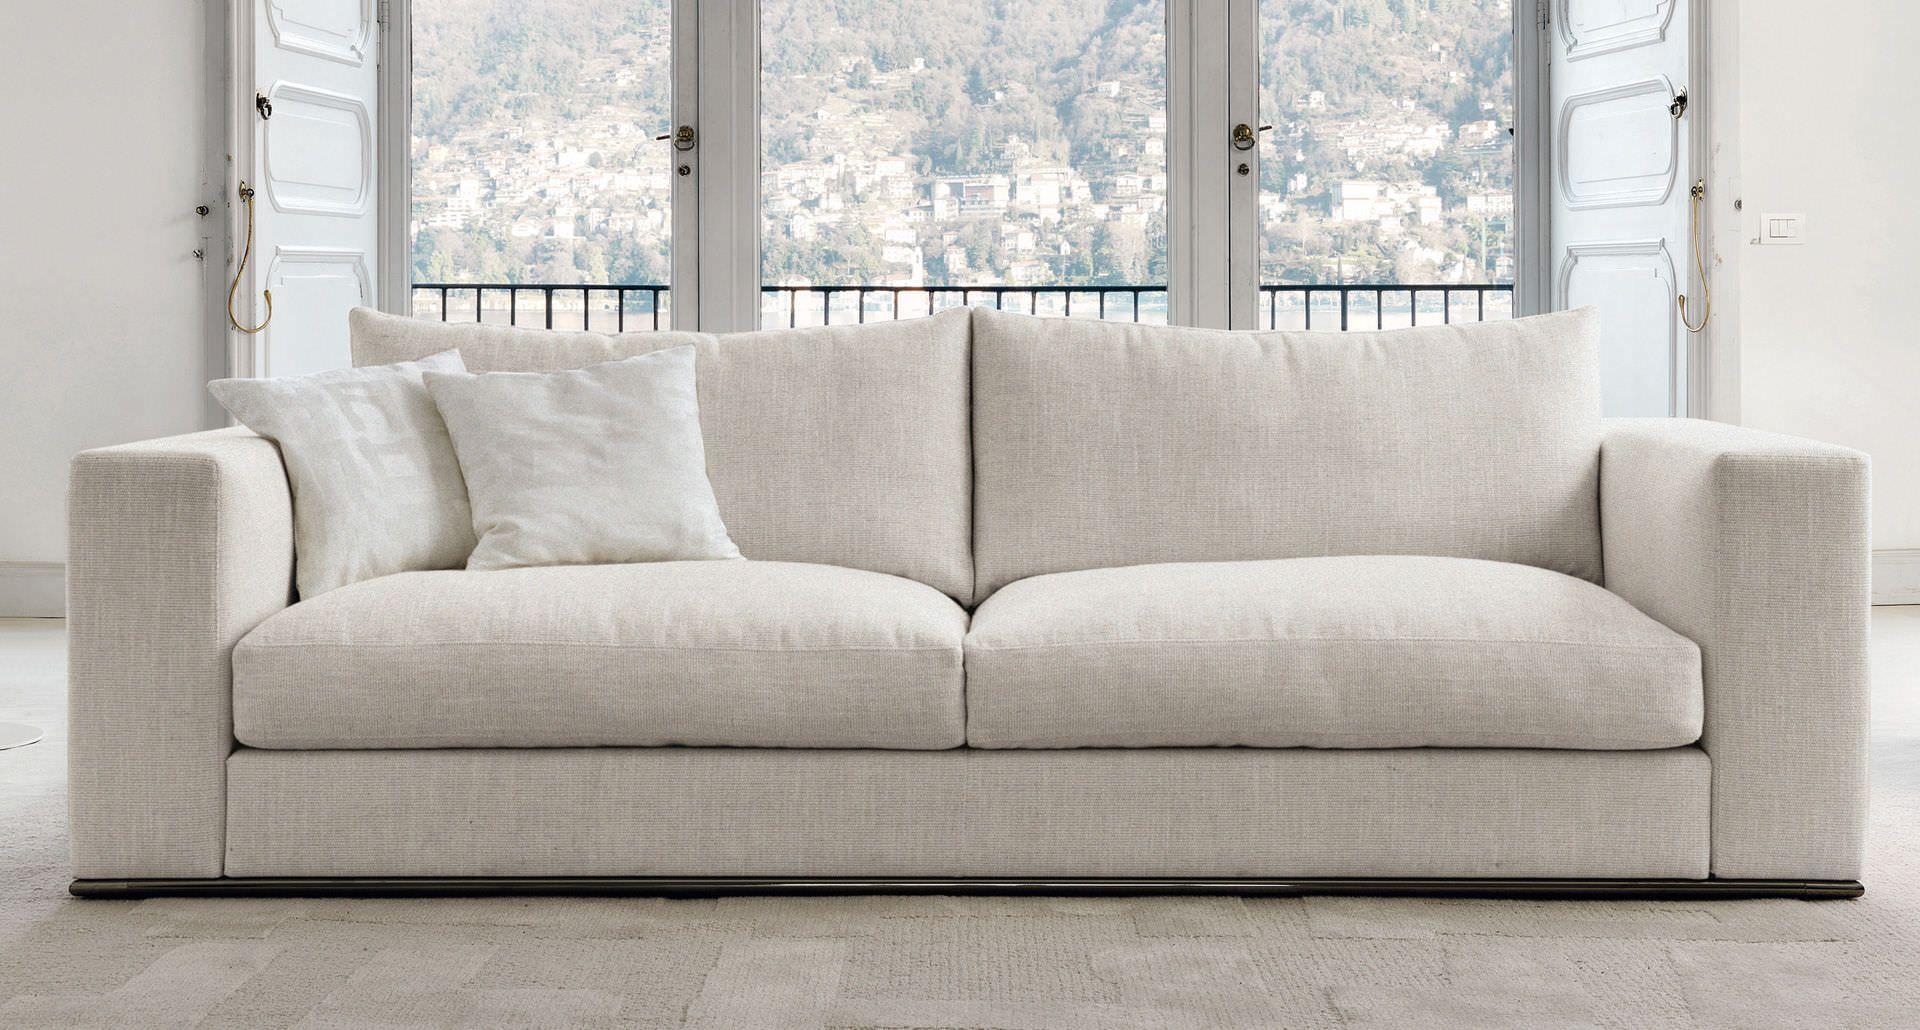 Sofas Modernos Italianos Inspiración De Diseño Interiores